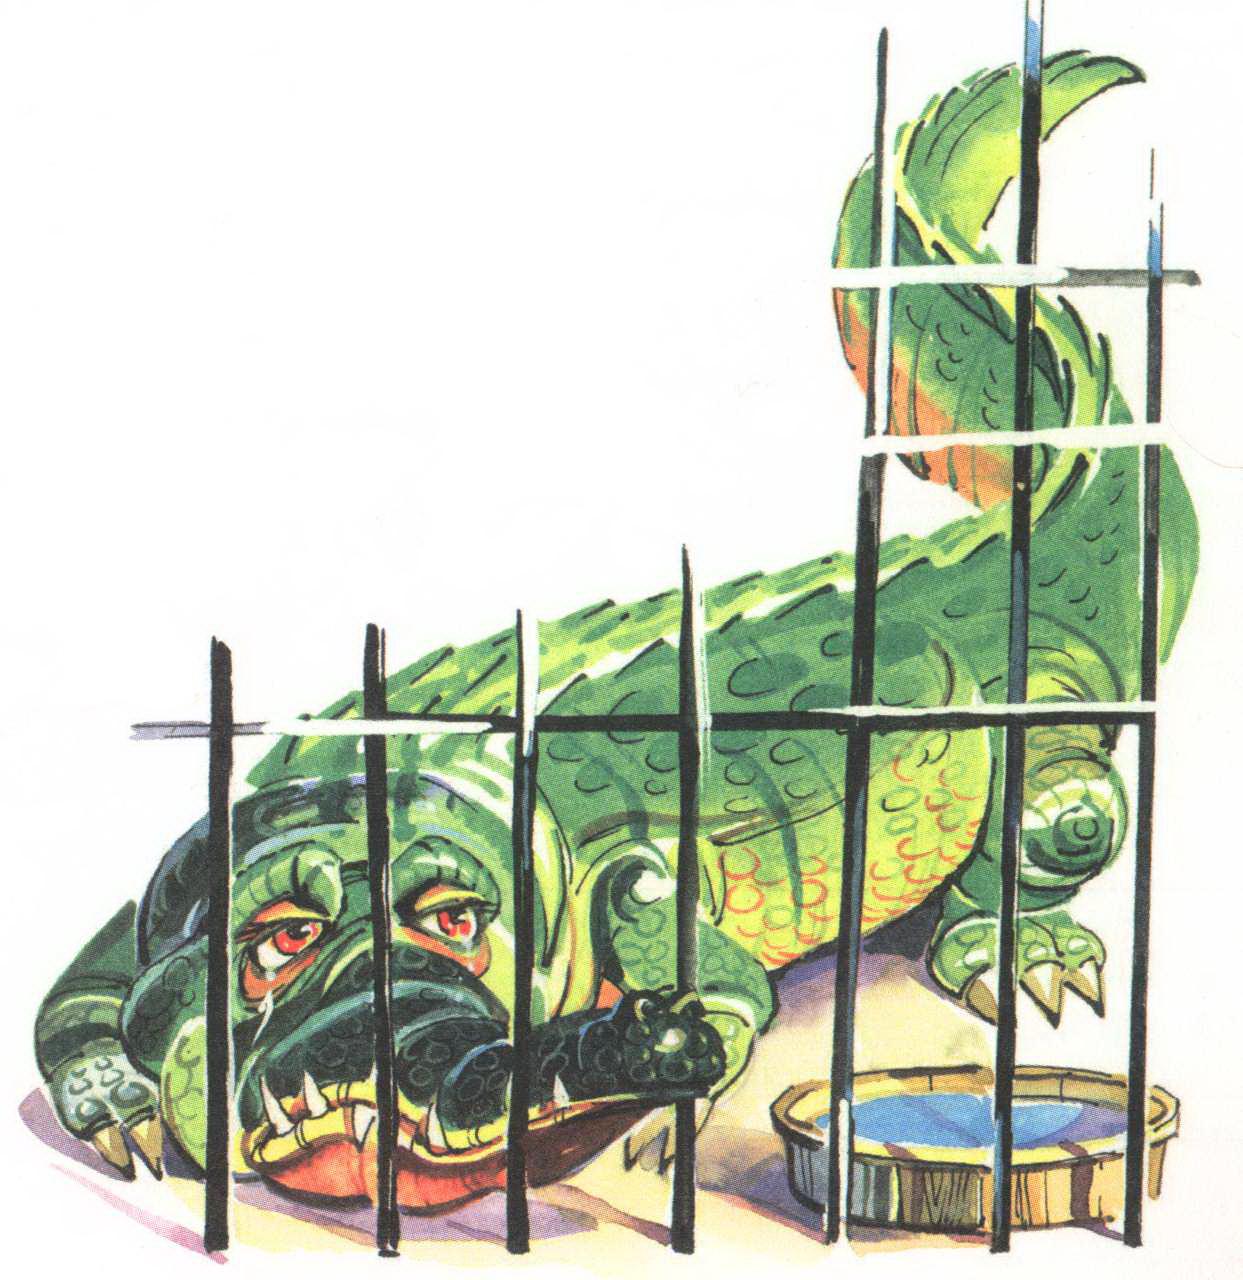 Сказка крокодил чуковского картинки для детей